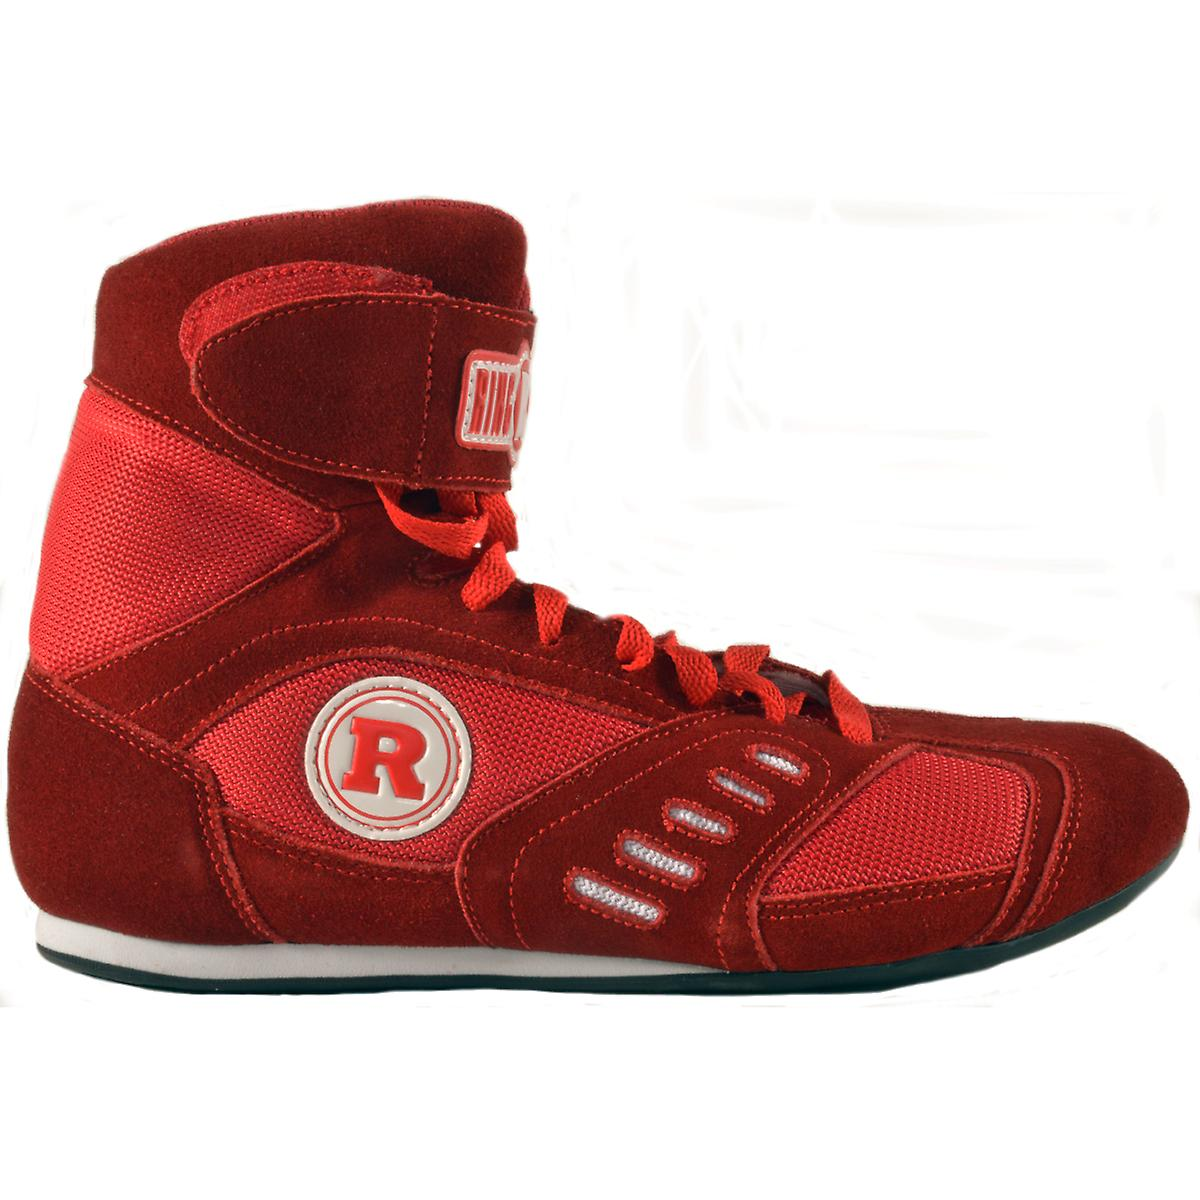 Scarpe da boxe Ringside potere - rosso